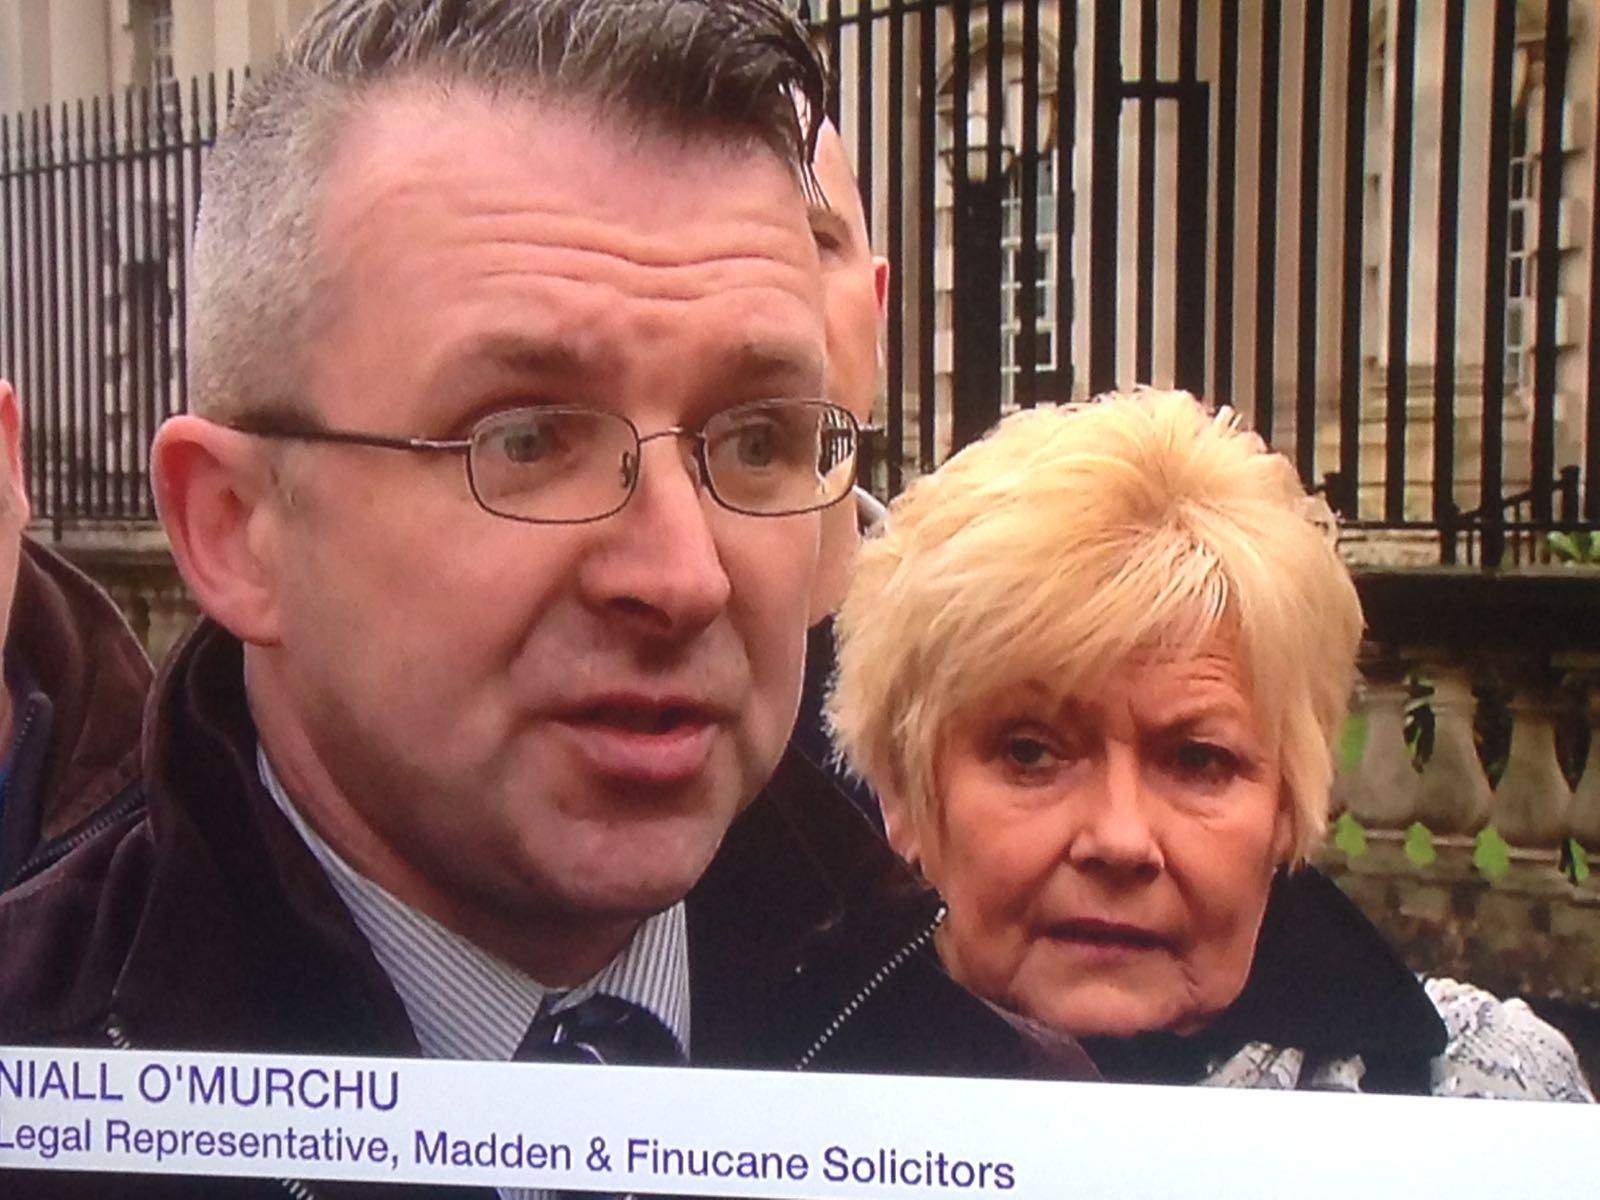 Statement on behalf of Margaret McQuillan